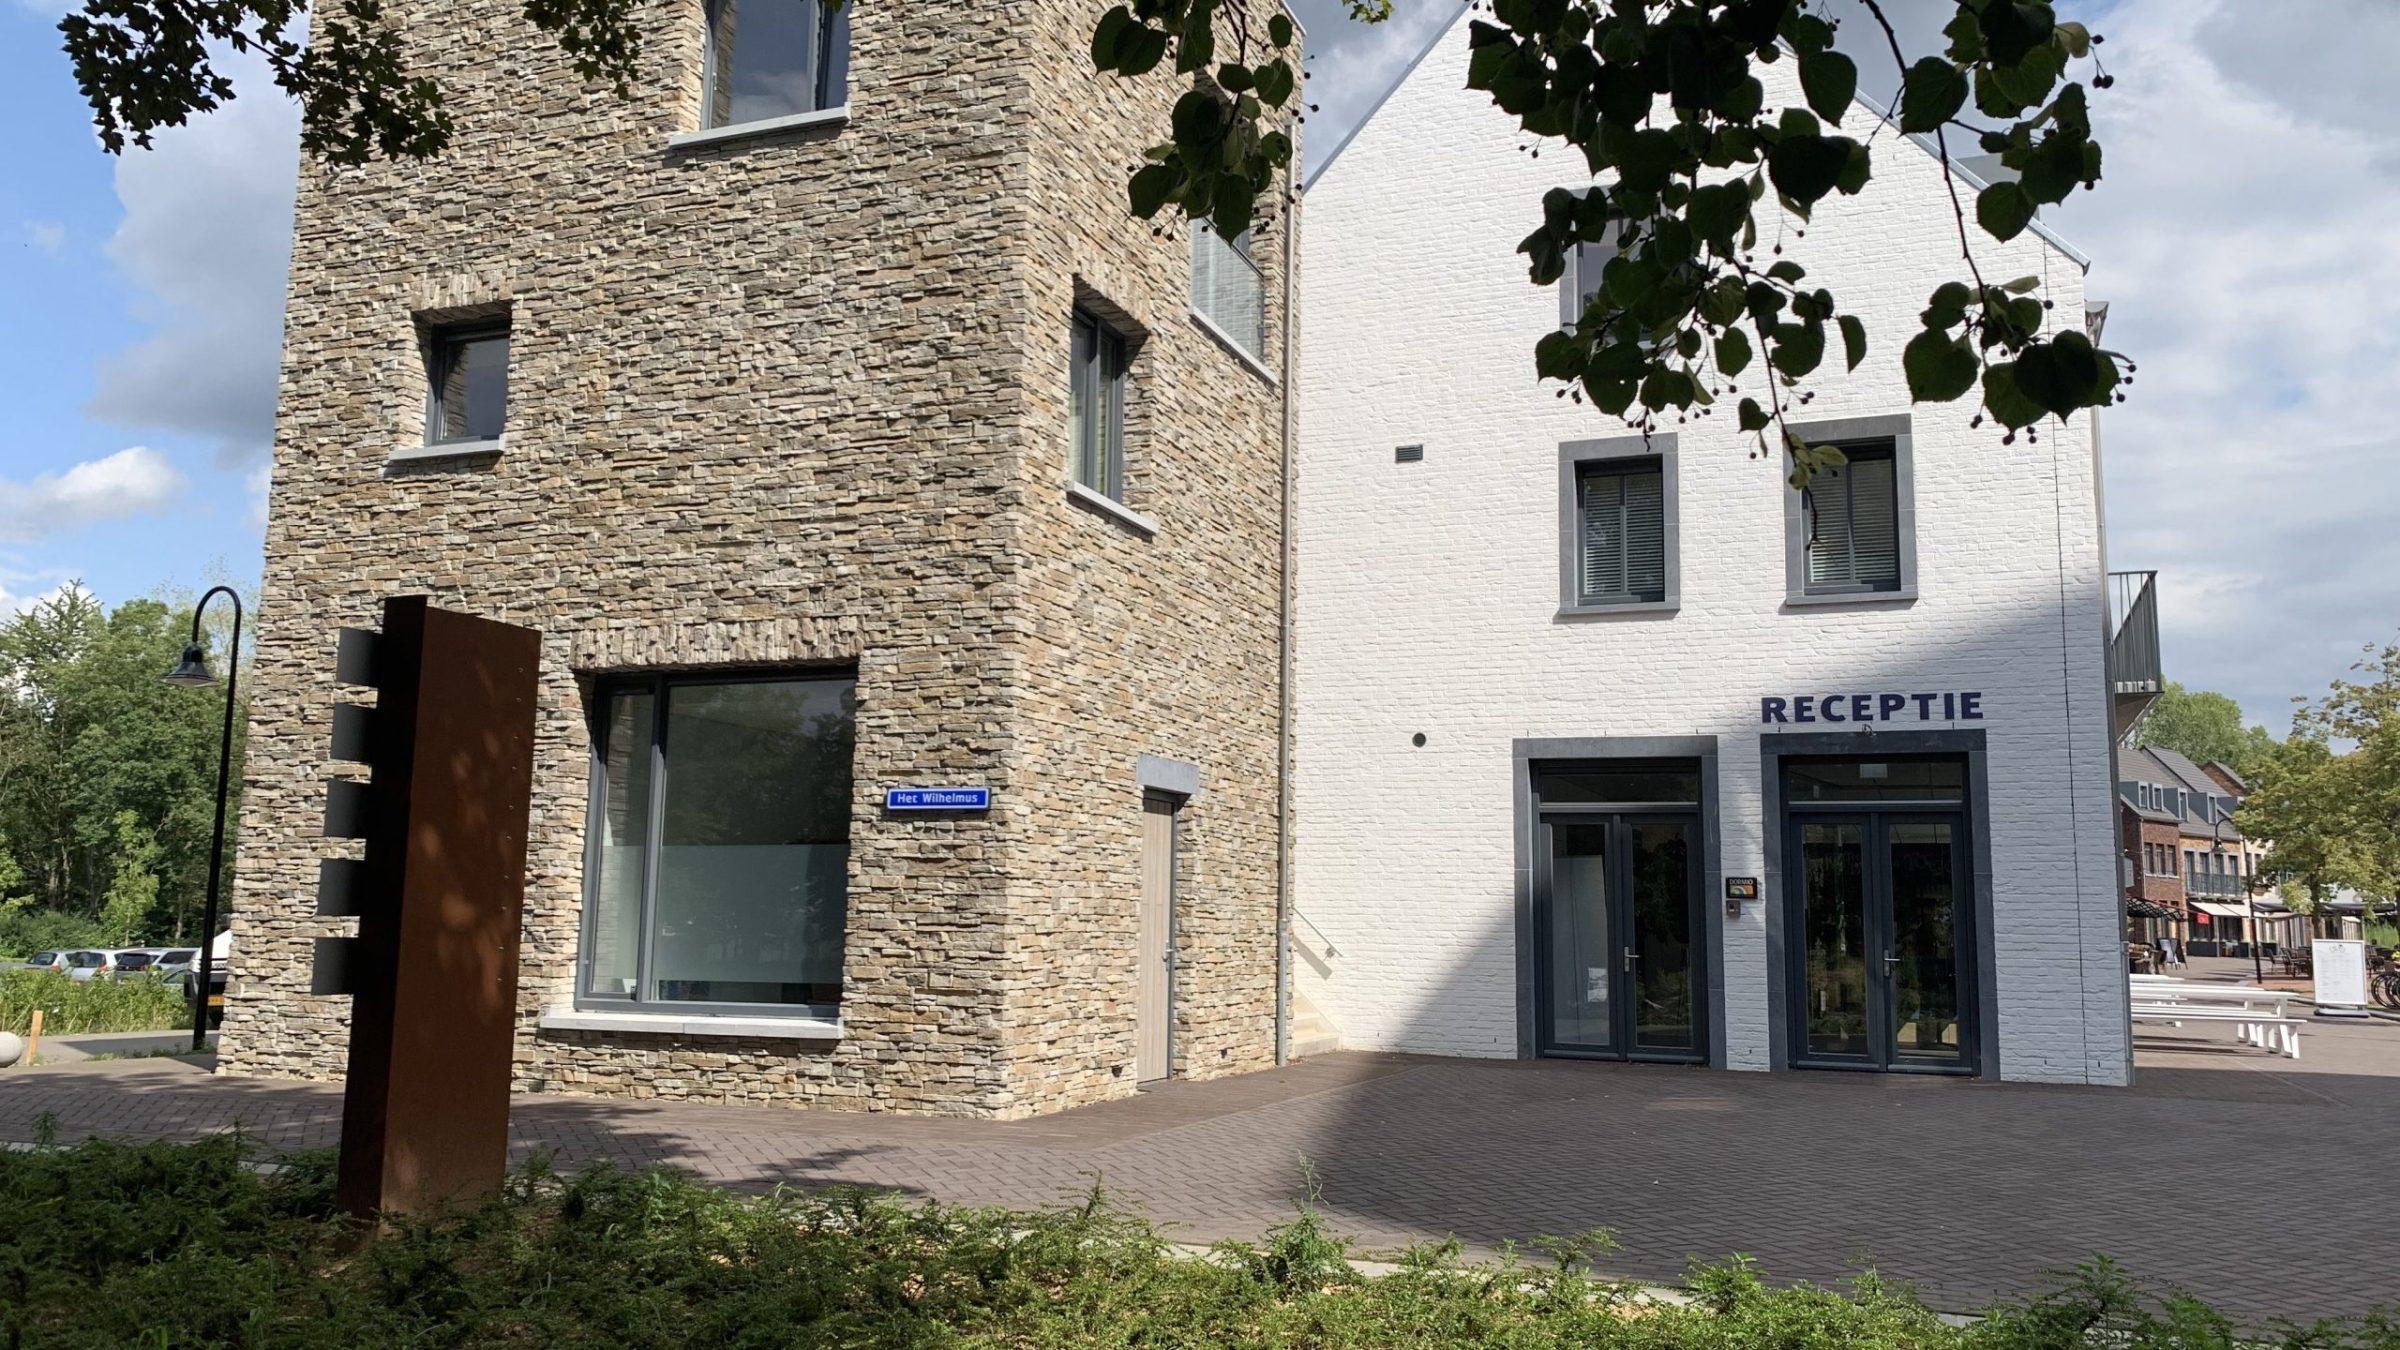 Dormio Resort in Maastricht met Steenstrips